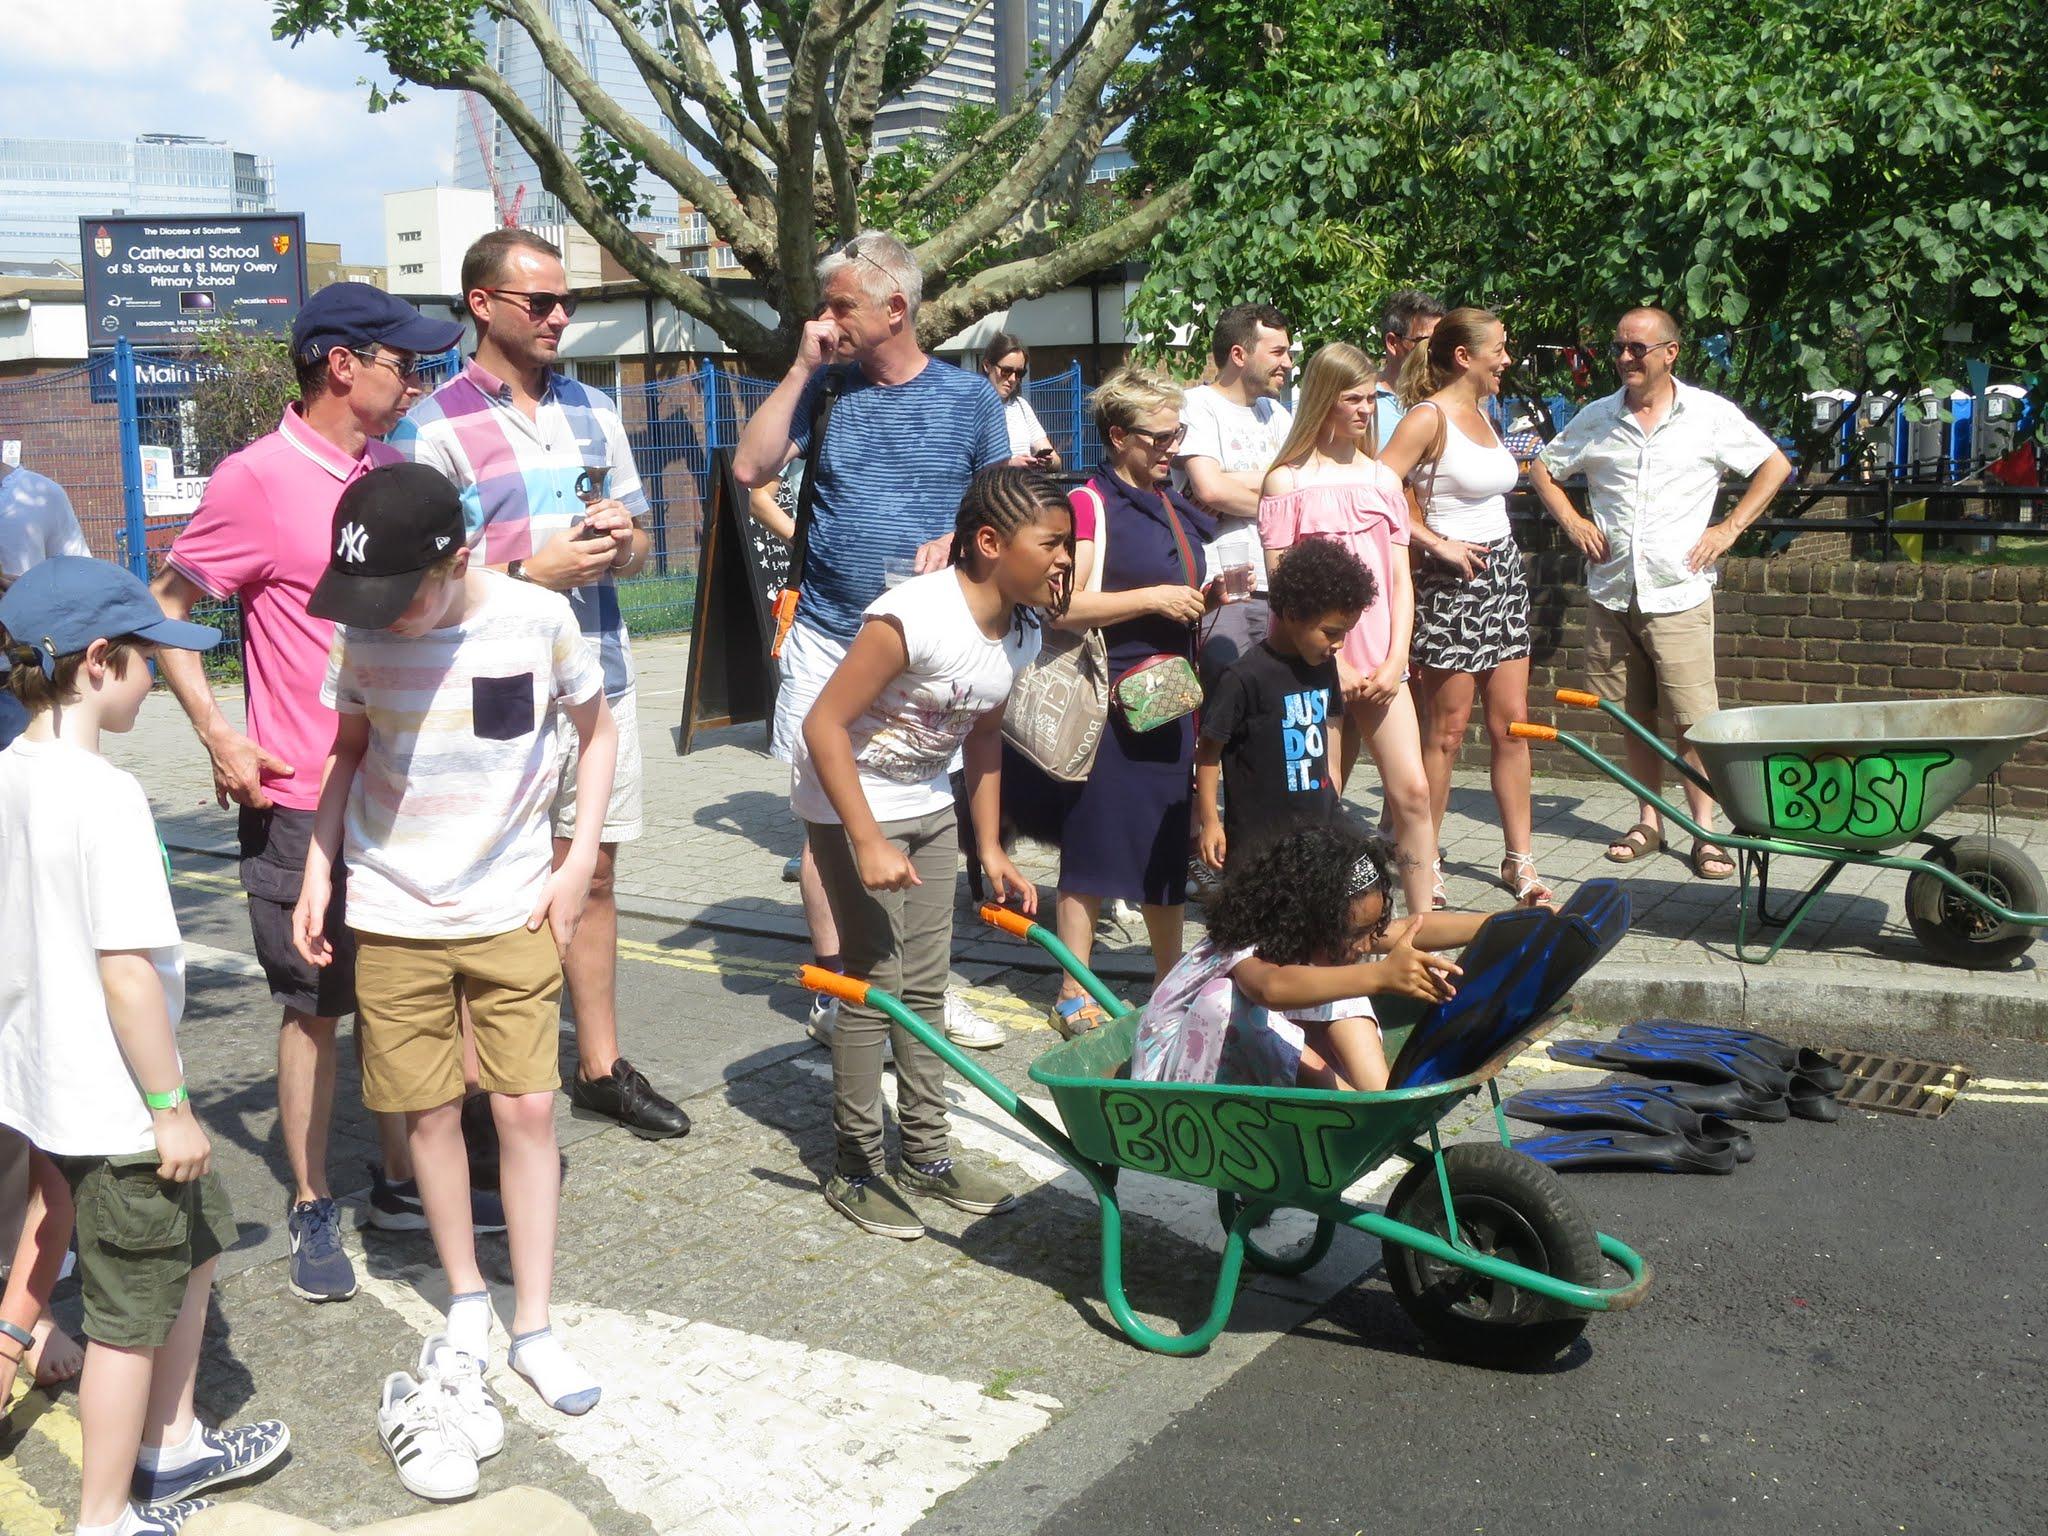 kids wacky races.JPG